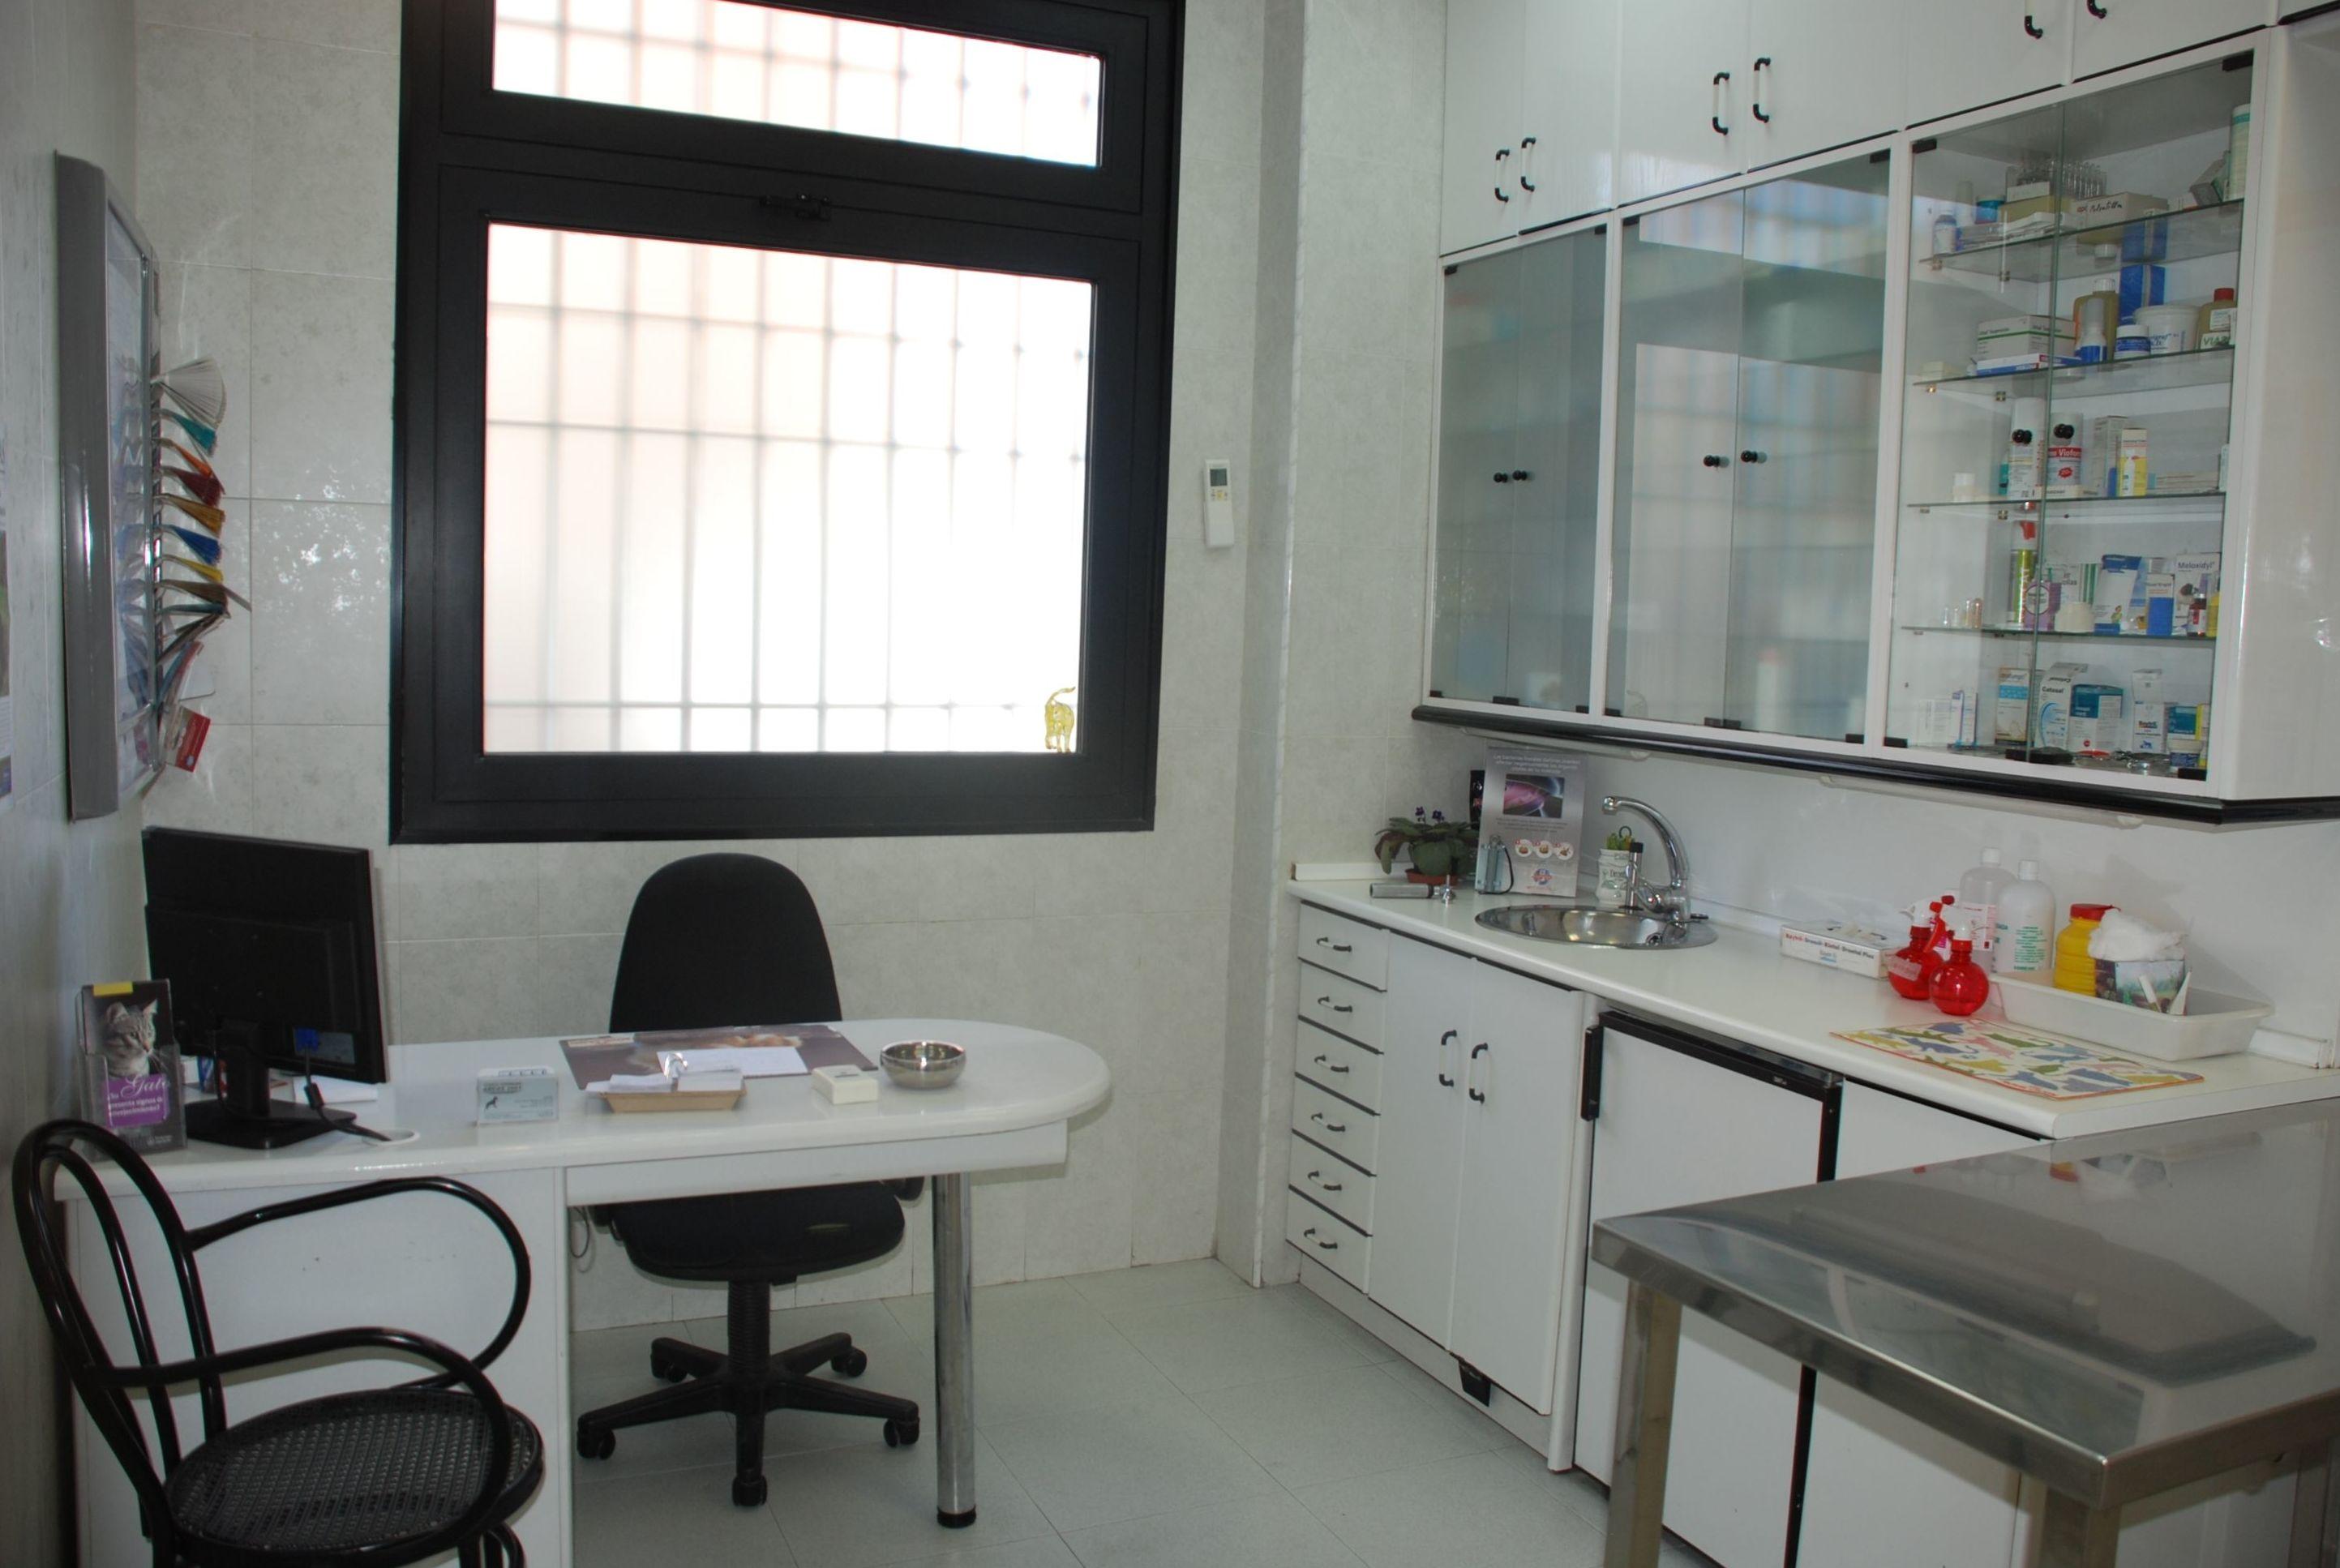 consulta 1 Veterinario  Mostoles http://www.veterinariosmostoles.com/es/